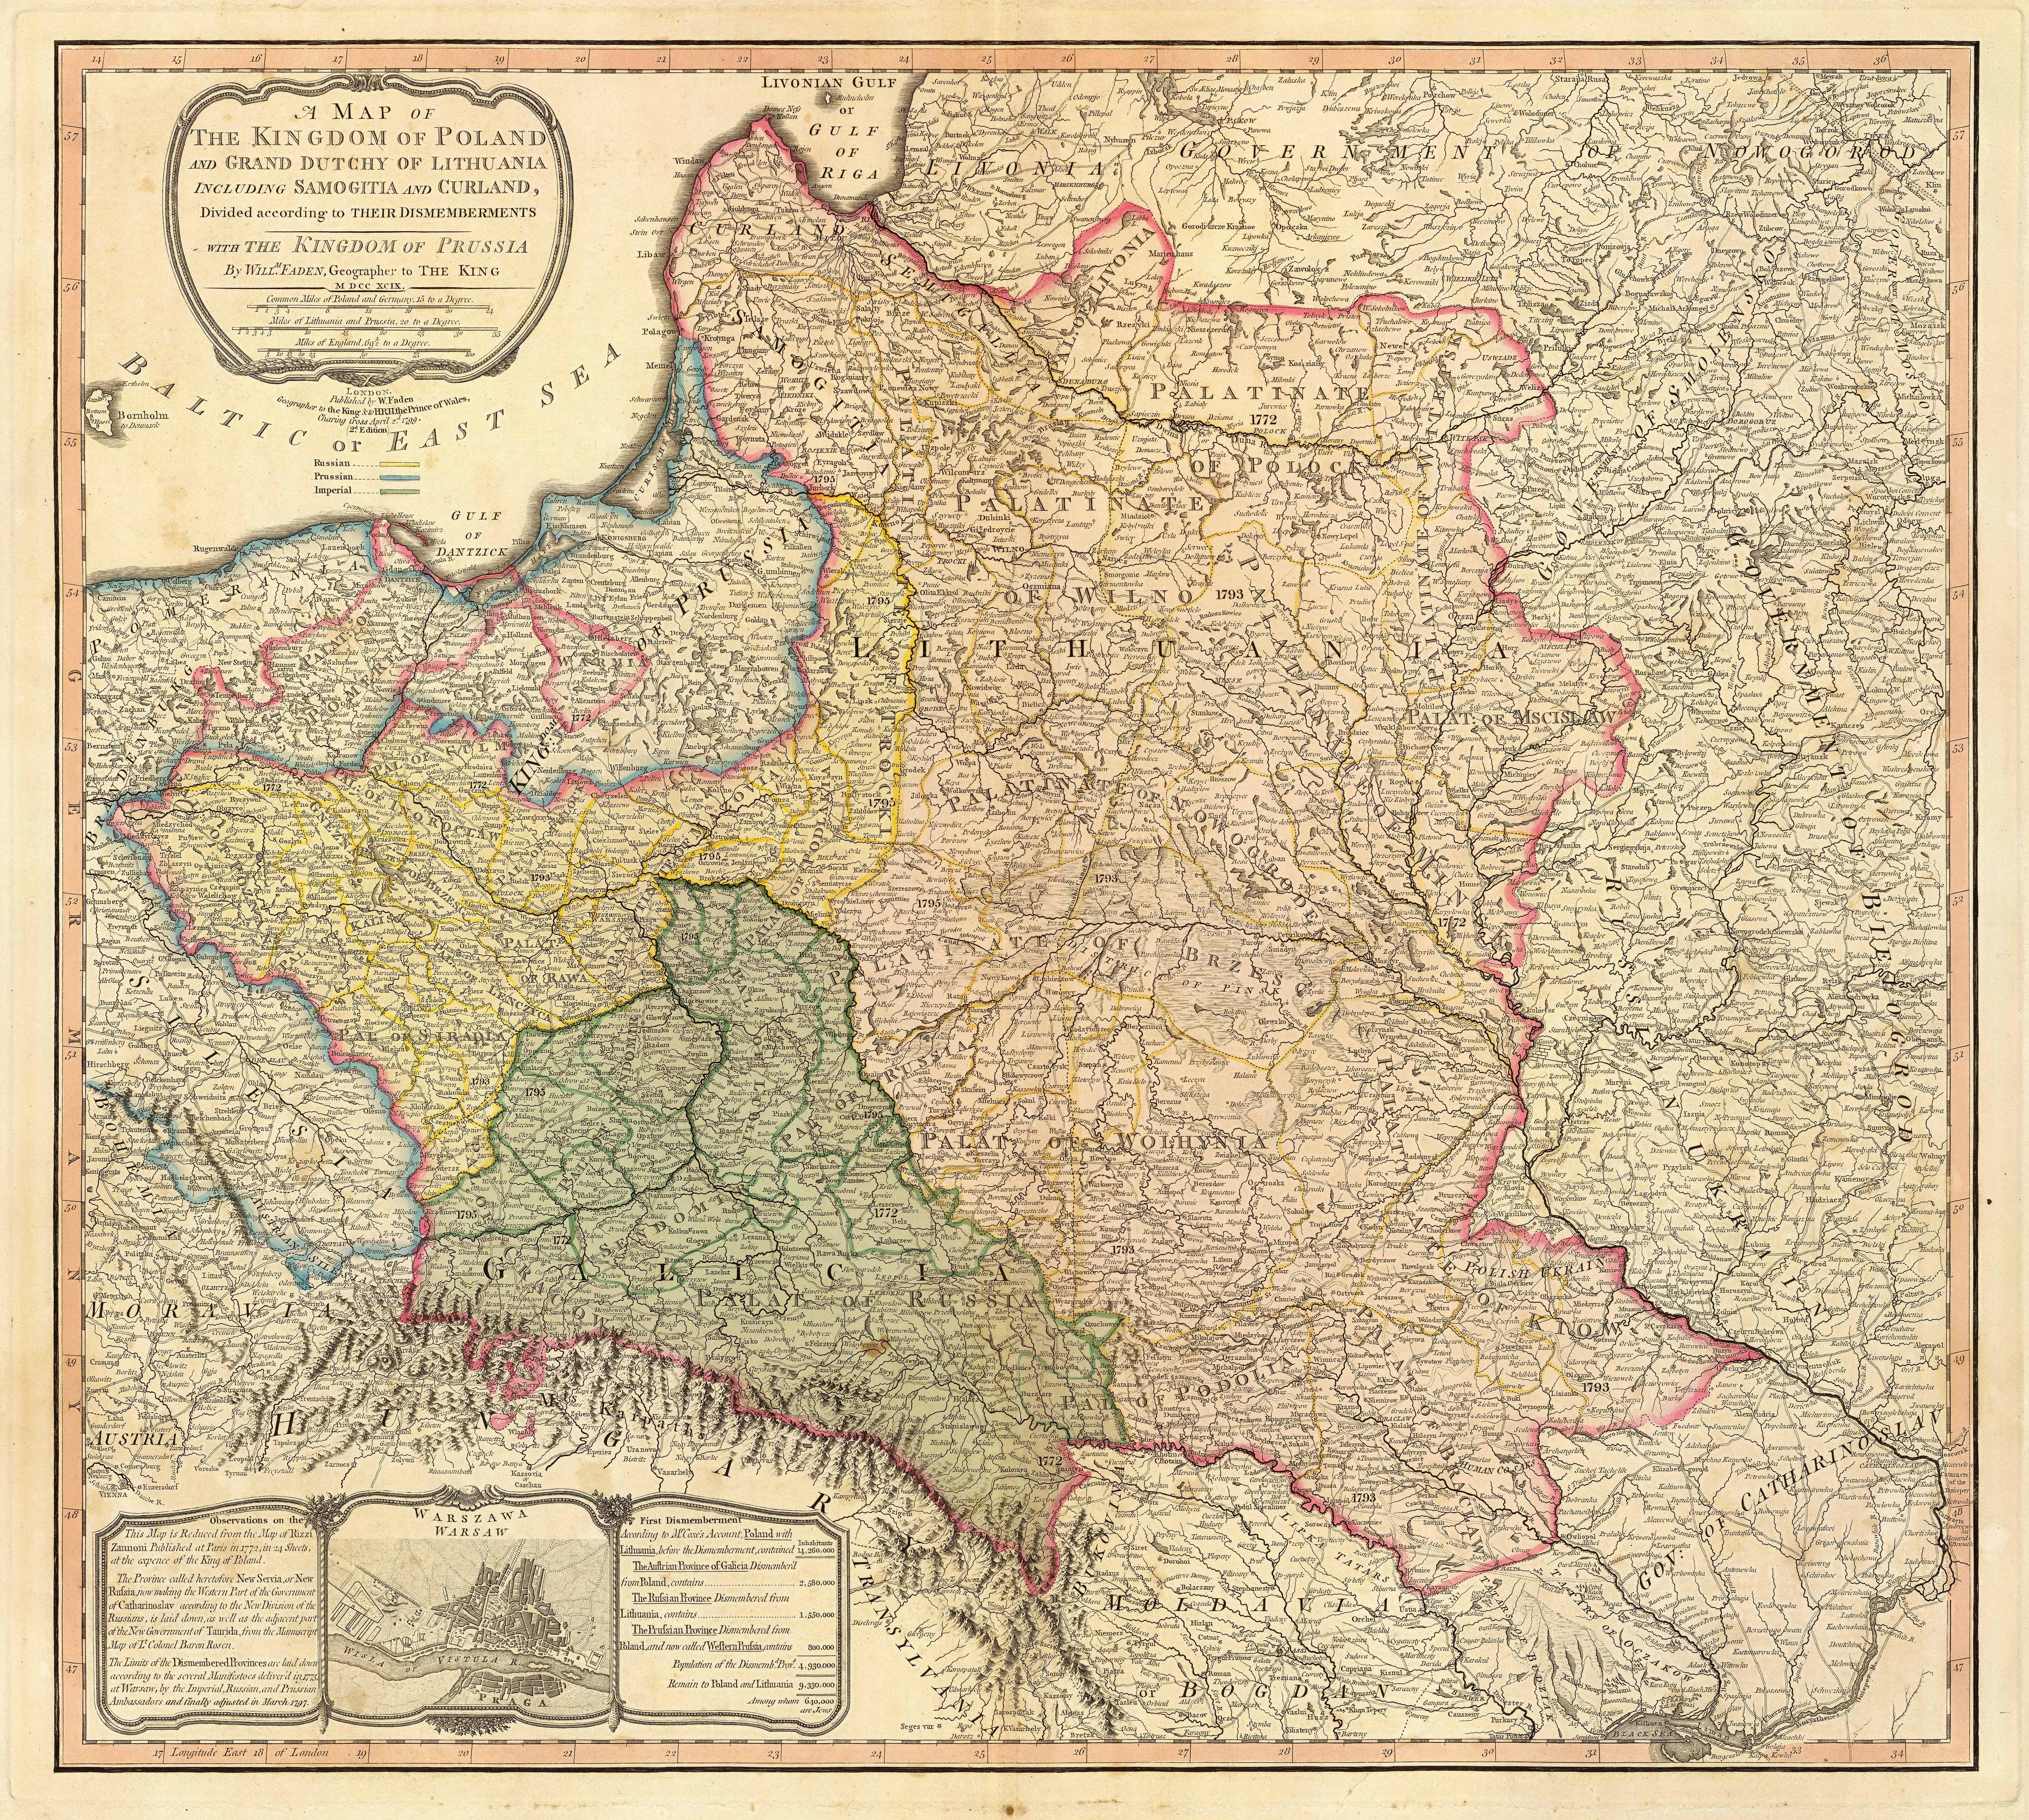 Reino de Polonia y el Gran Ducado de Lituania